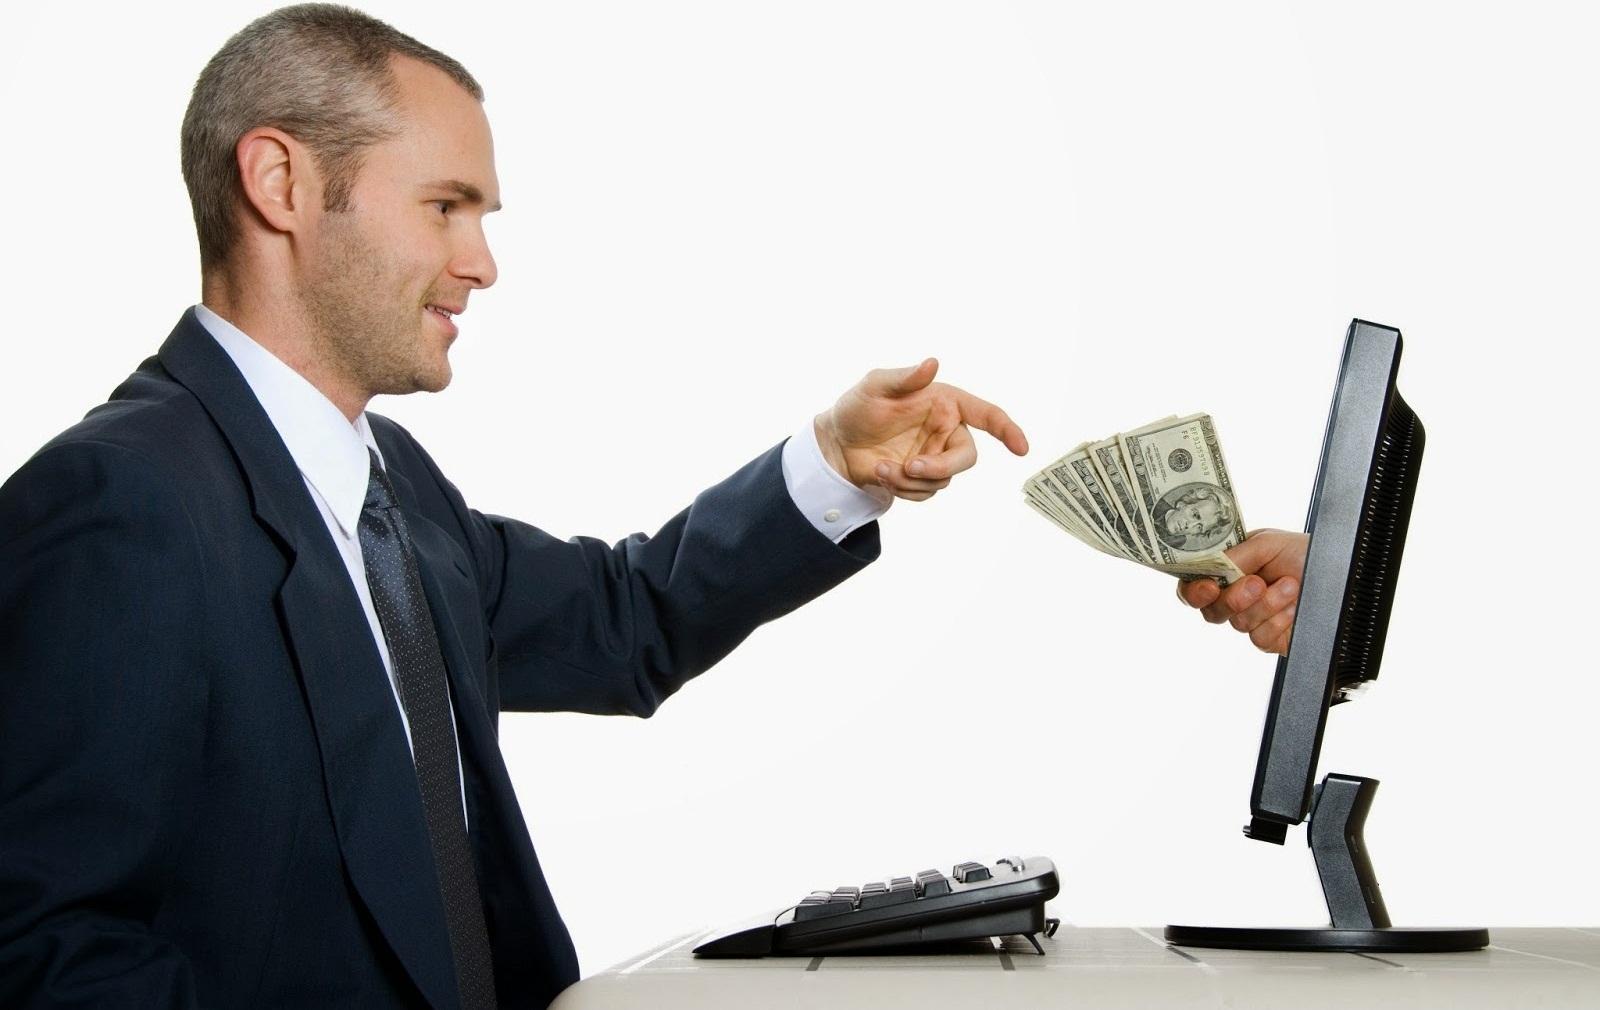 войти в сбербанк онлайн в личный кабинет по номеру телефона